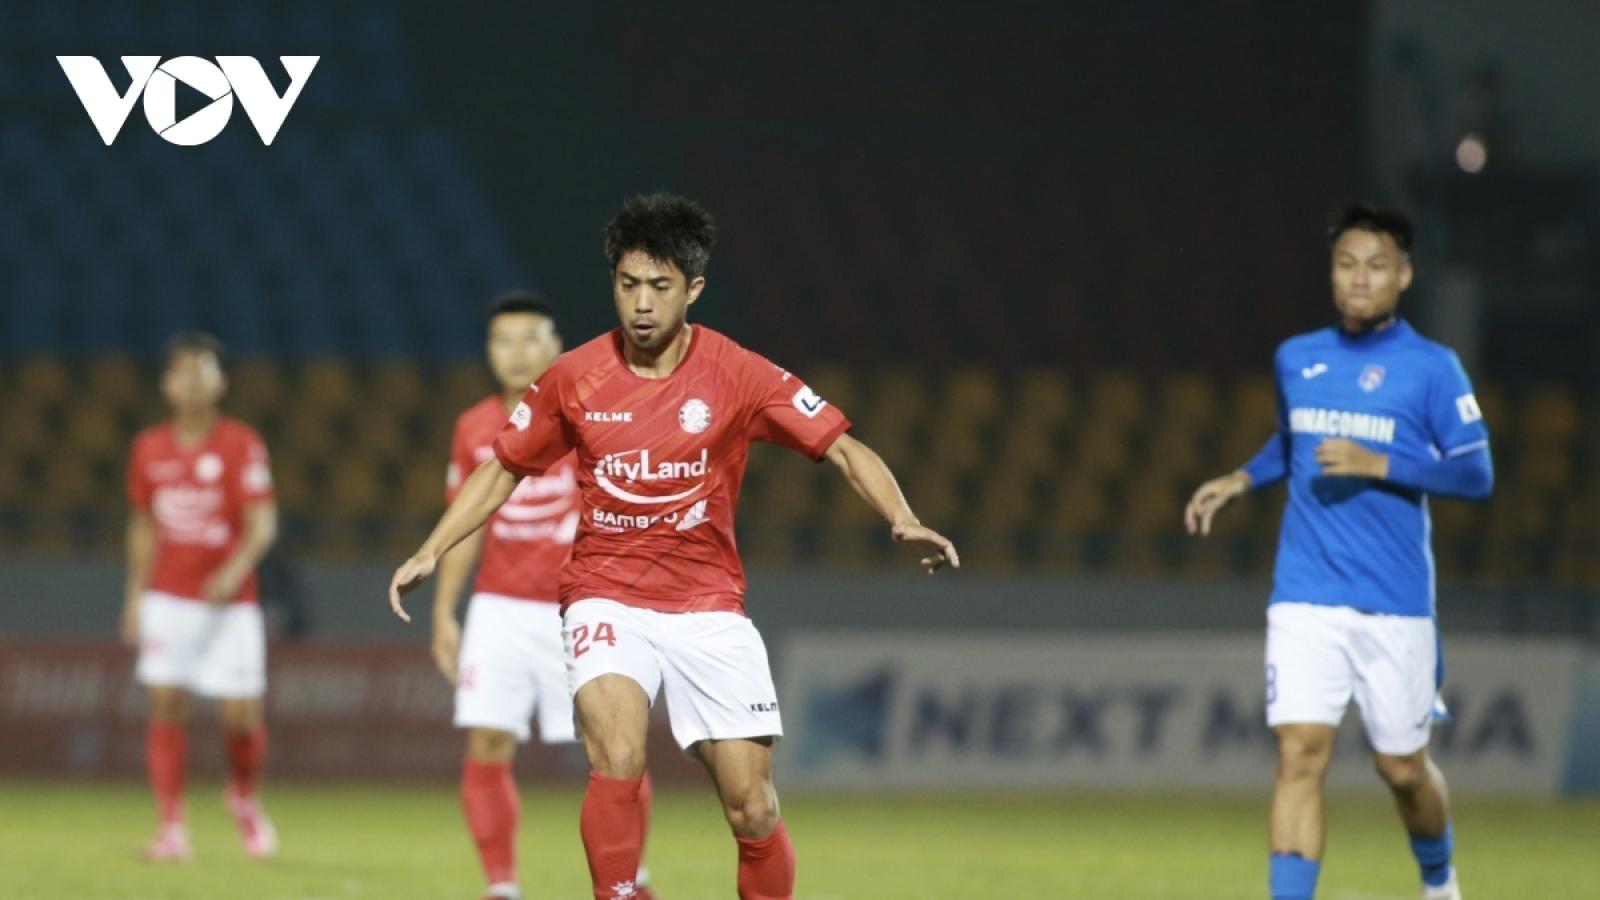 Chấn thương từ trận gặp HAGL, Lee Nguyễn có thể vắng mặt ở vòng 7 V-League 2021